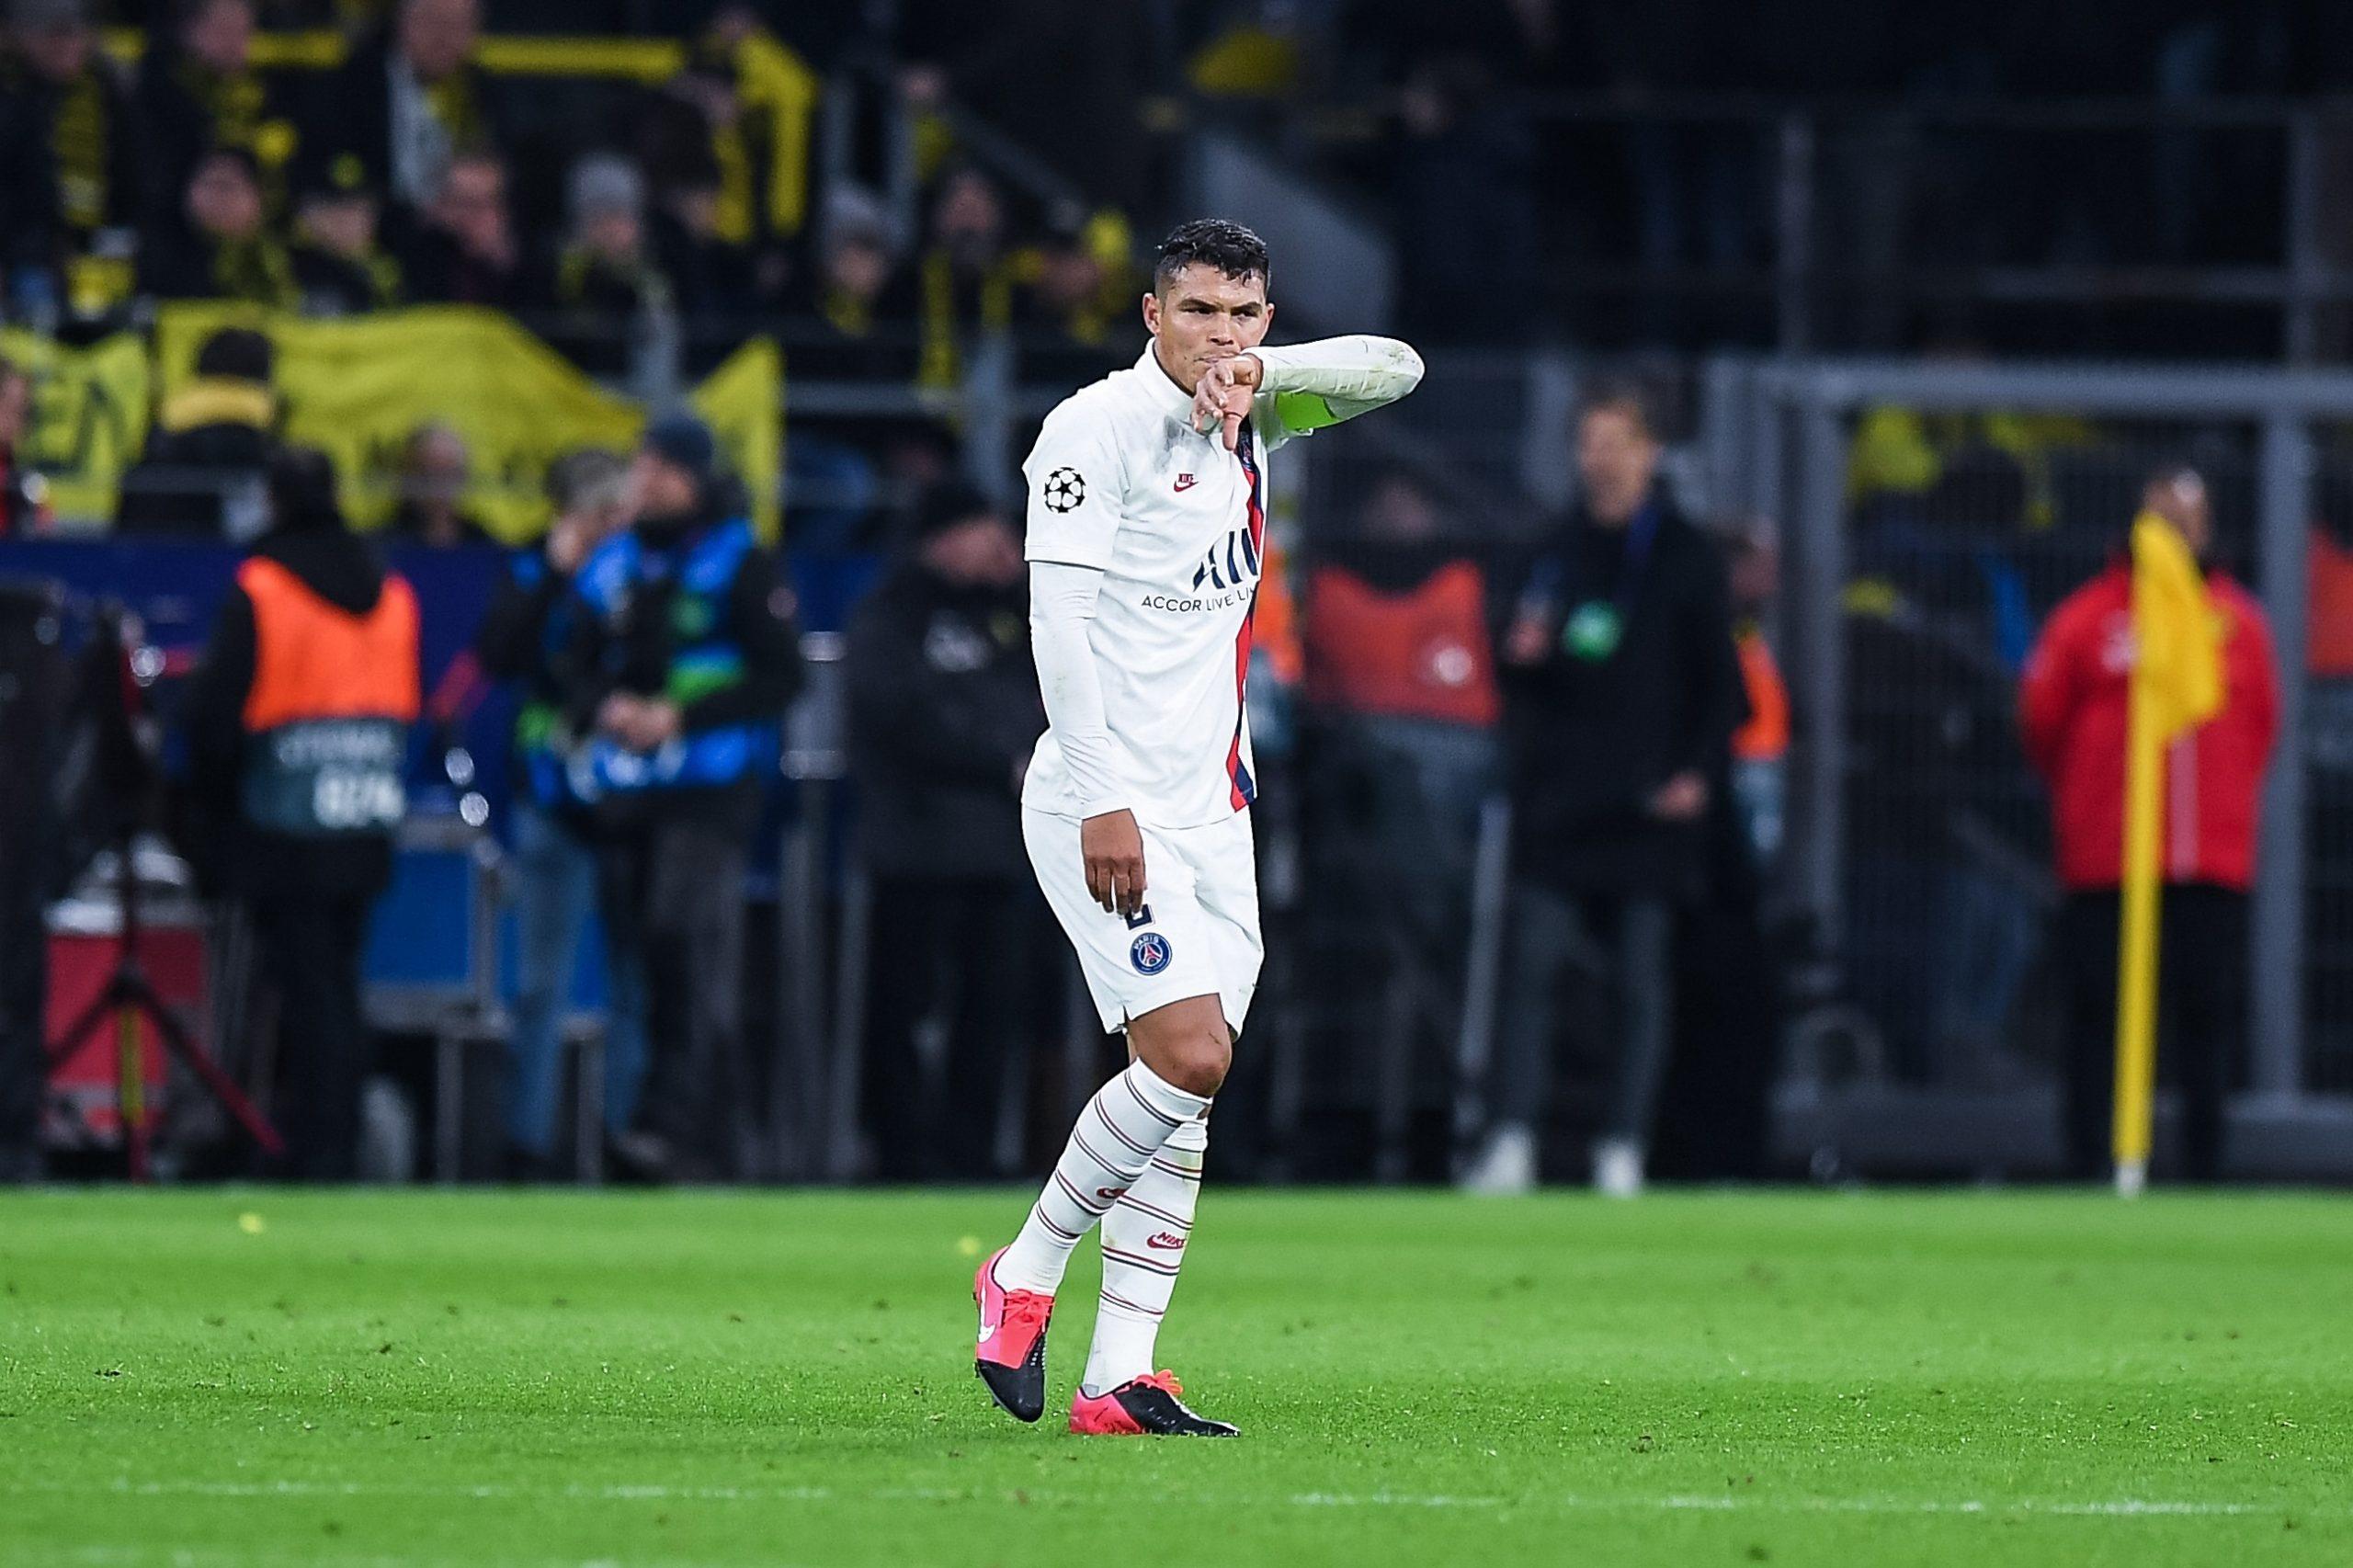 Mercato - Thiago Silva a comme priorité de jouer en Premier League, selon Goal